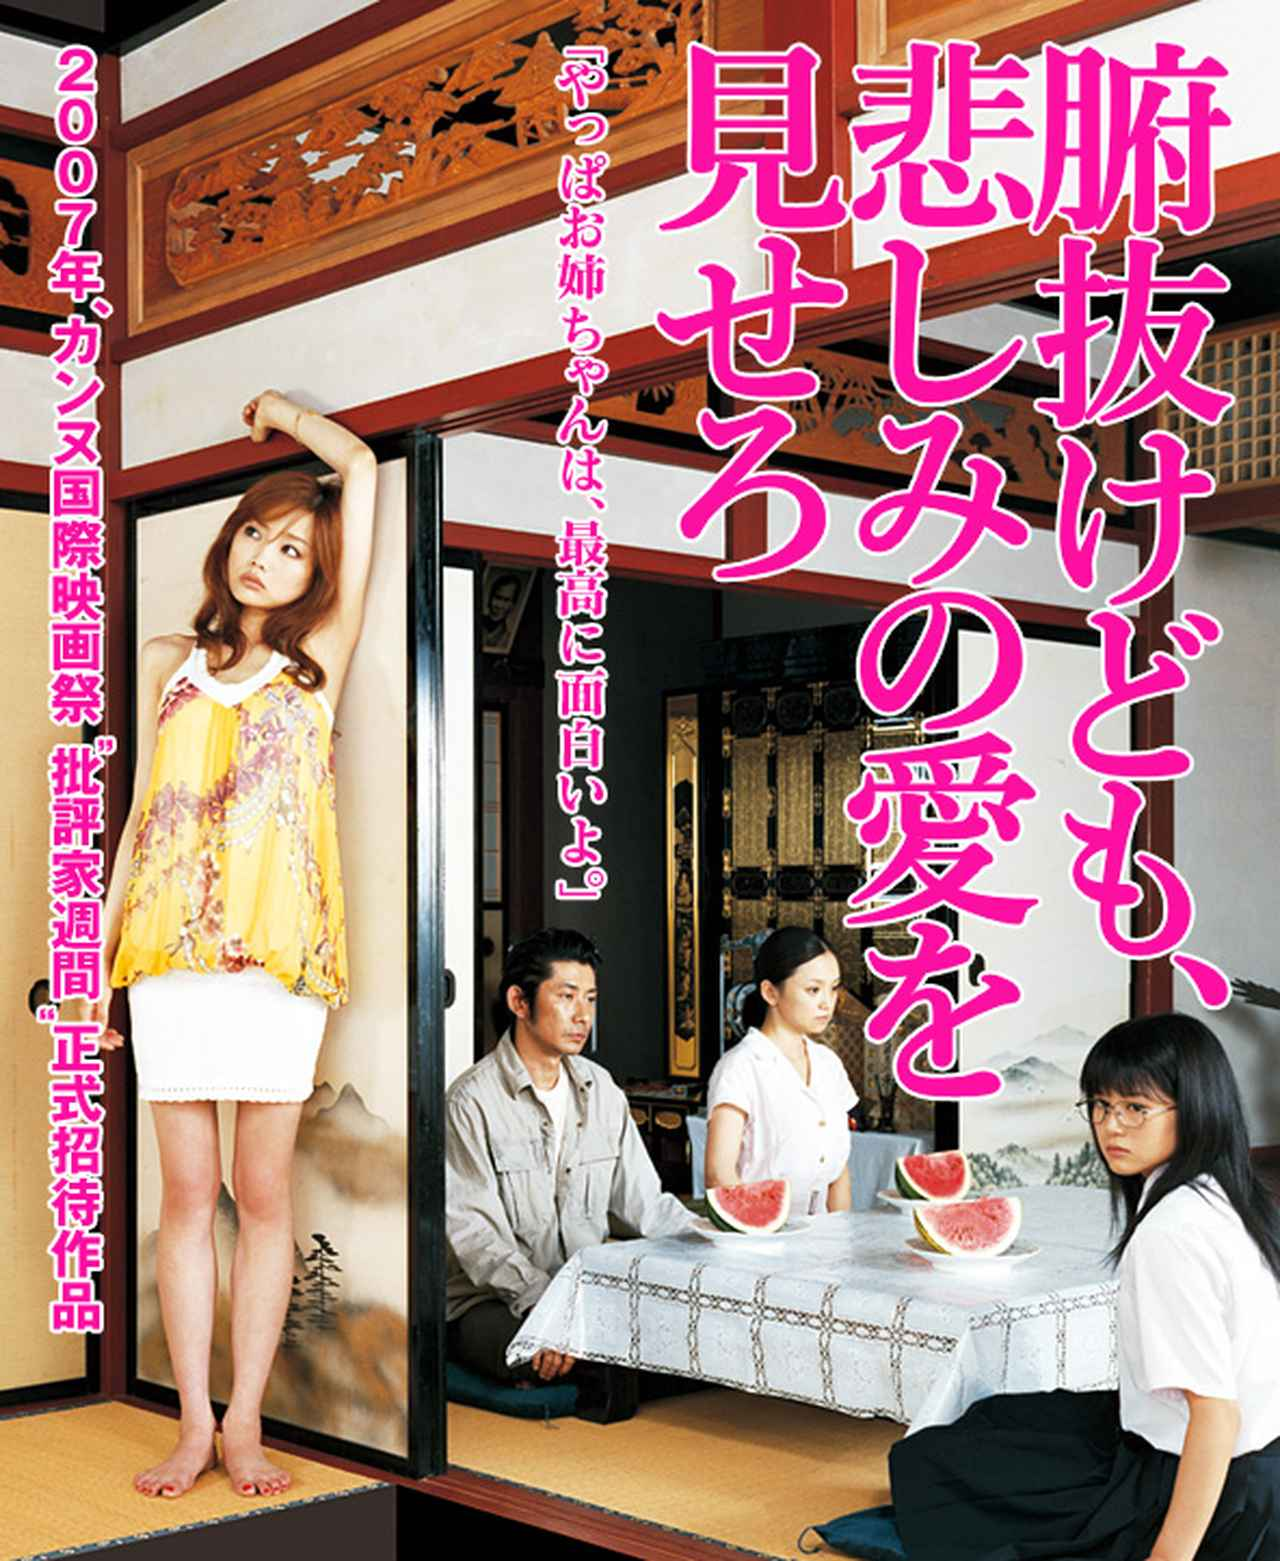 画像: www.phantom-film.jp